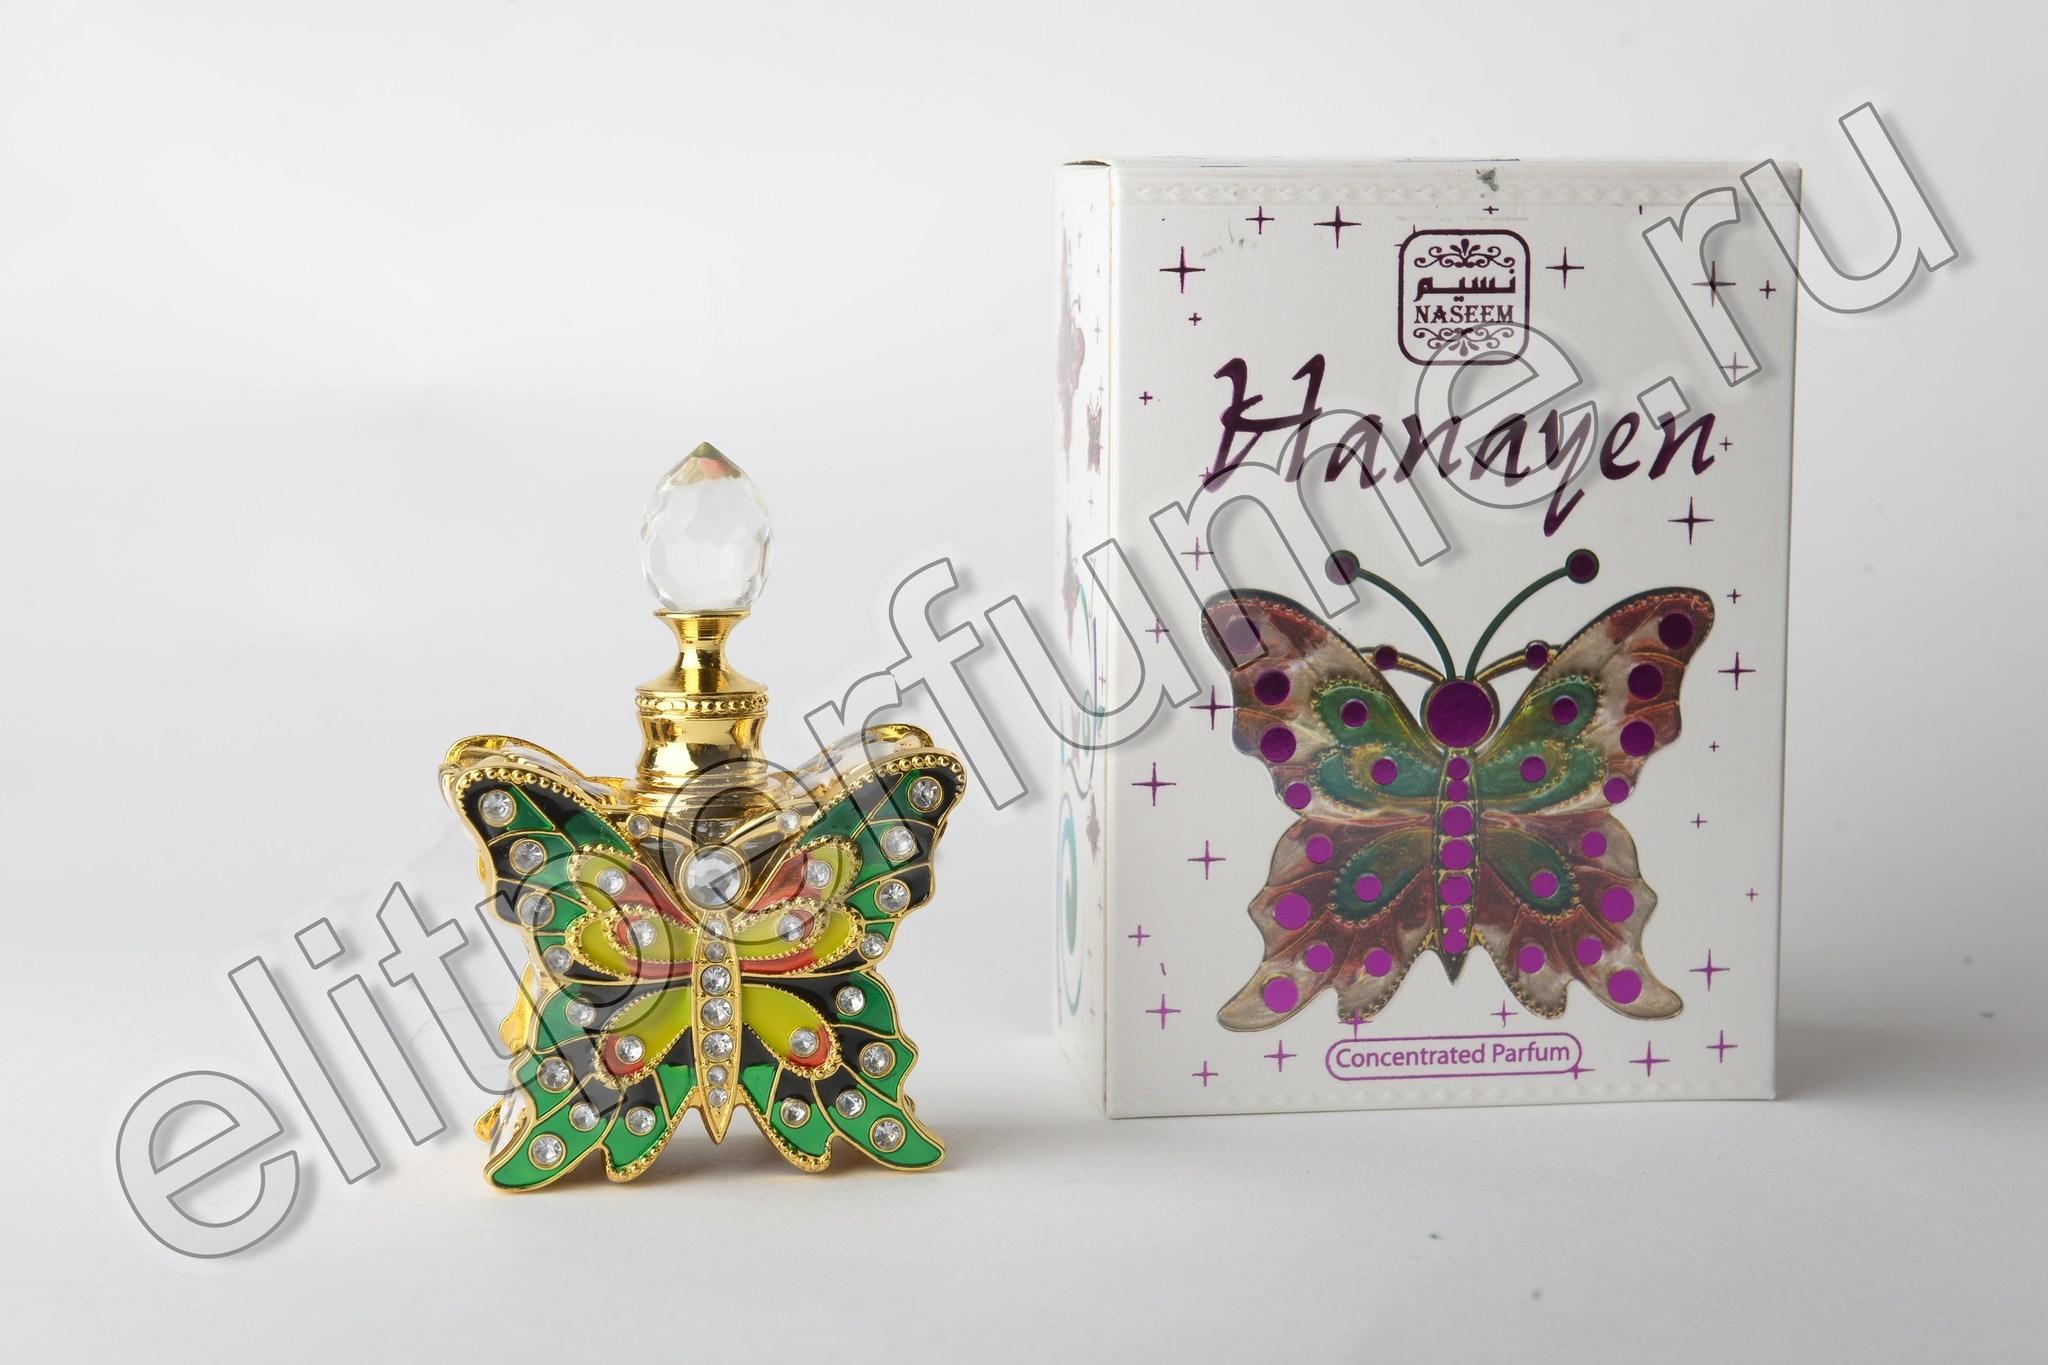 Пробник для Hanayeh Ханайен 1 мл арабские масляные духи от Насим Naseem Perfumes